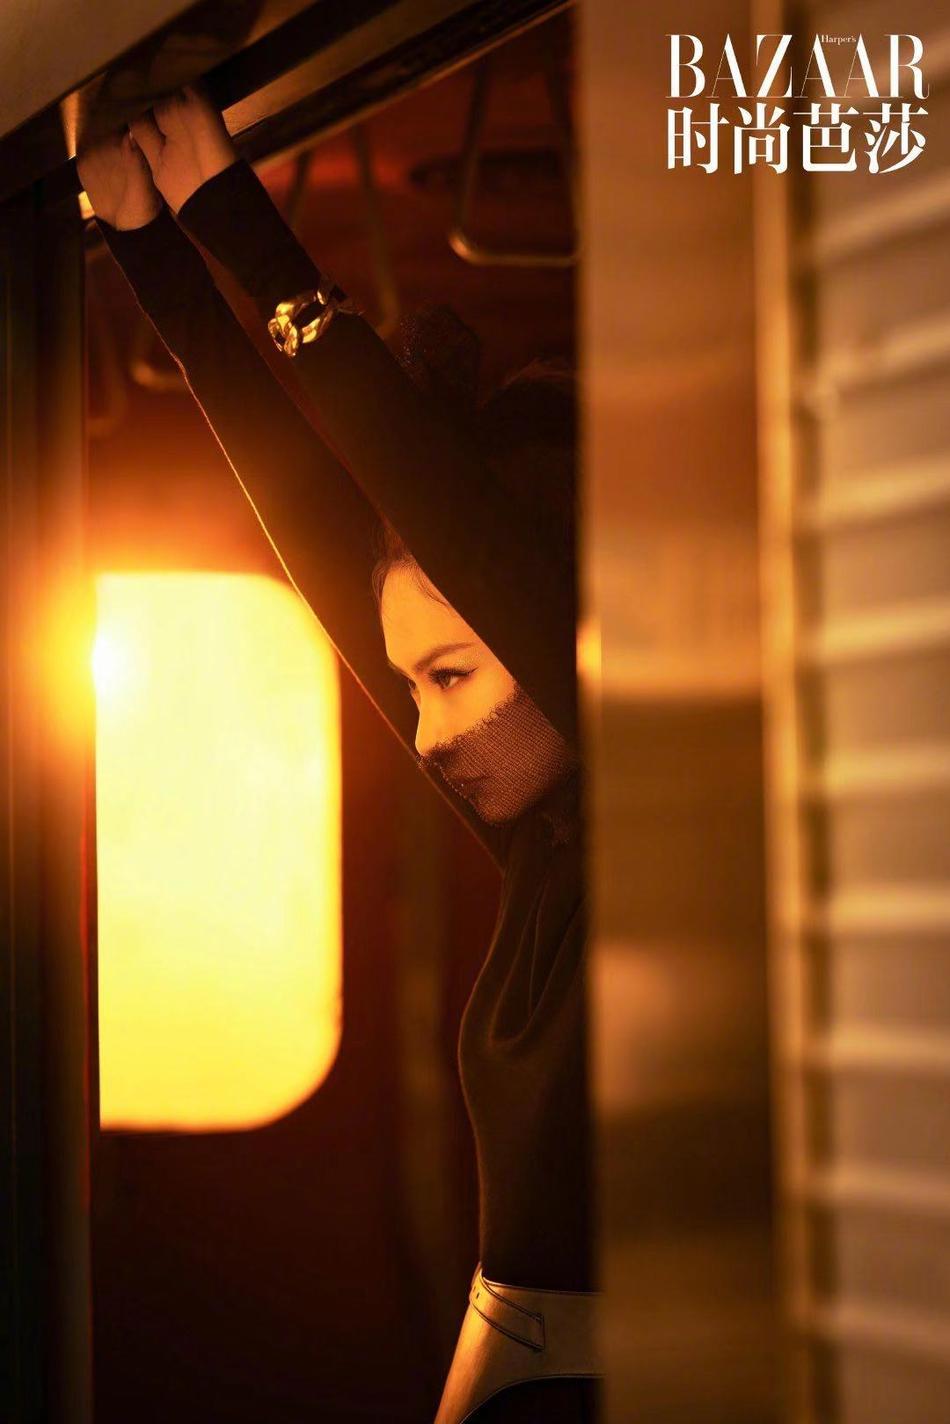 戚薇登《时尚芭莎》封面 黑色高开叉长裙迷人又暗黑